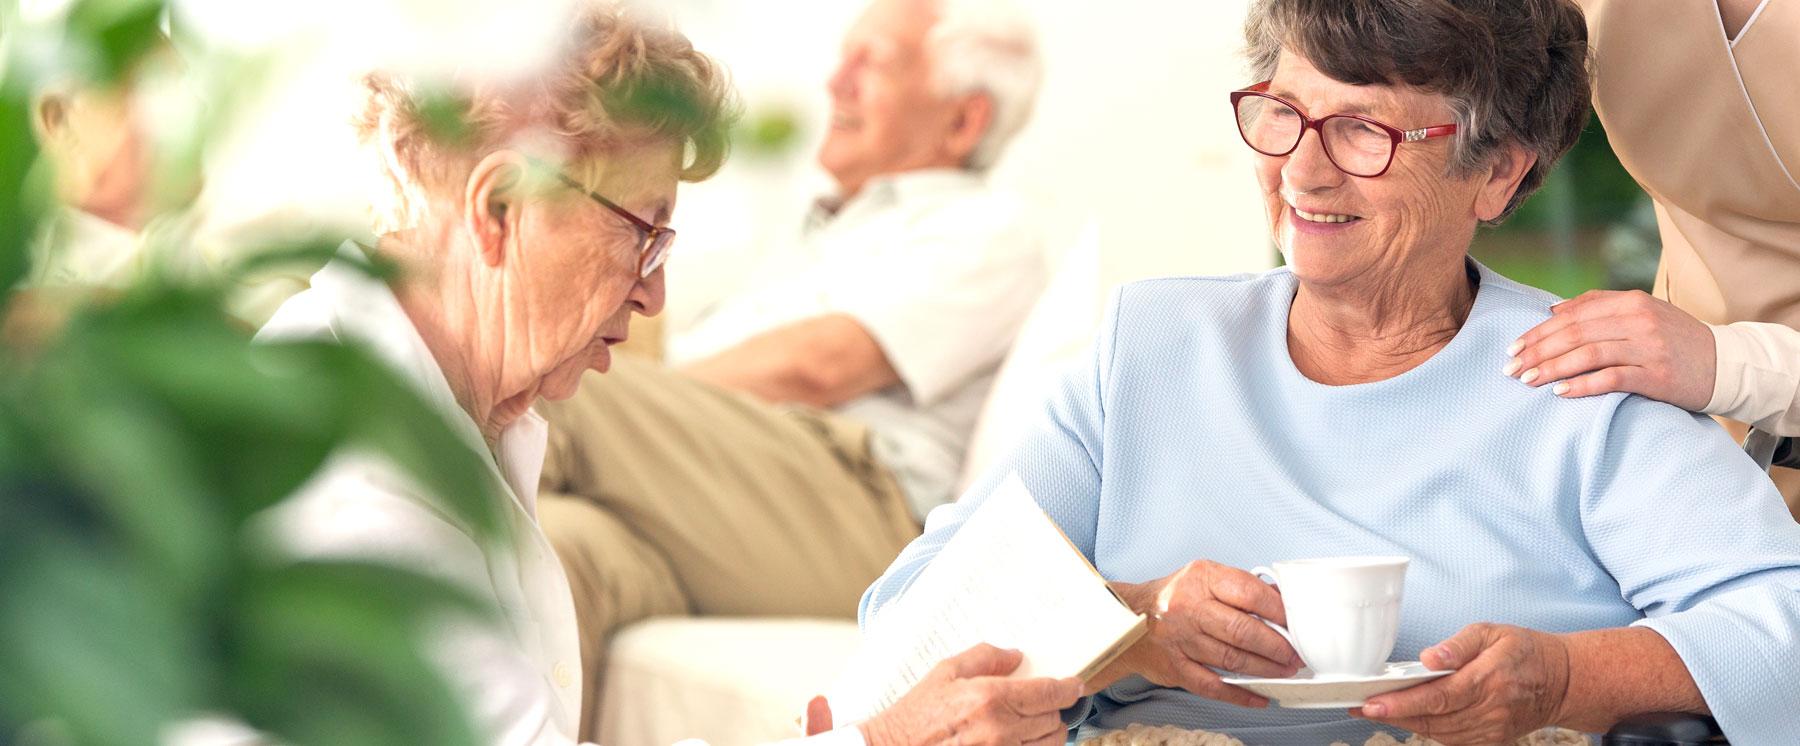 vorlesen senioren